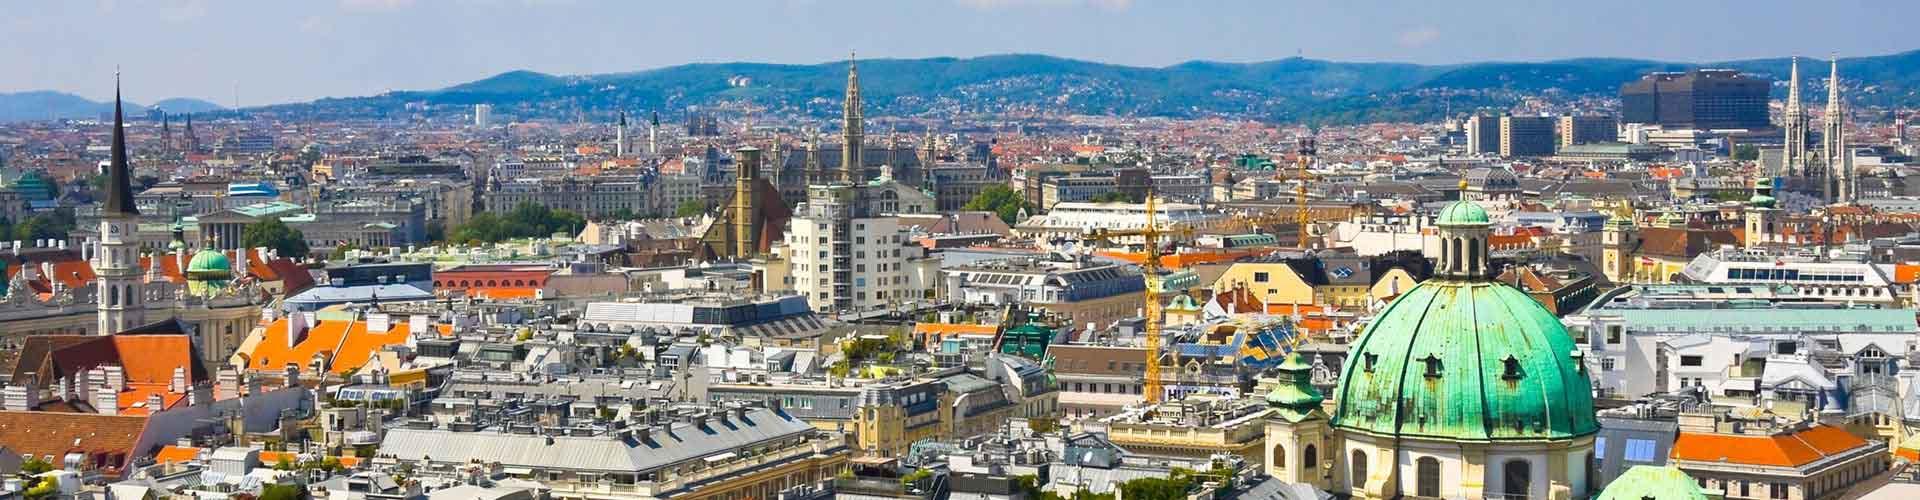 维也纳 – Ottakring区的青年旅馆。维也纳 地图,维也纳 每间青年旅馆的照片和评分。